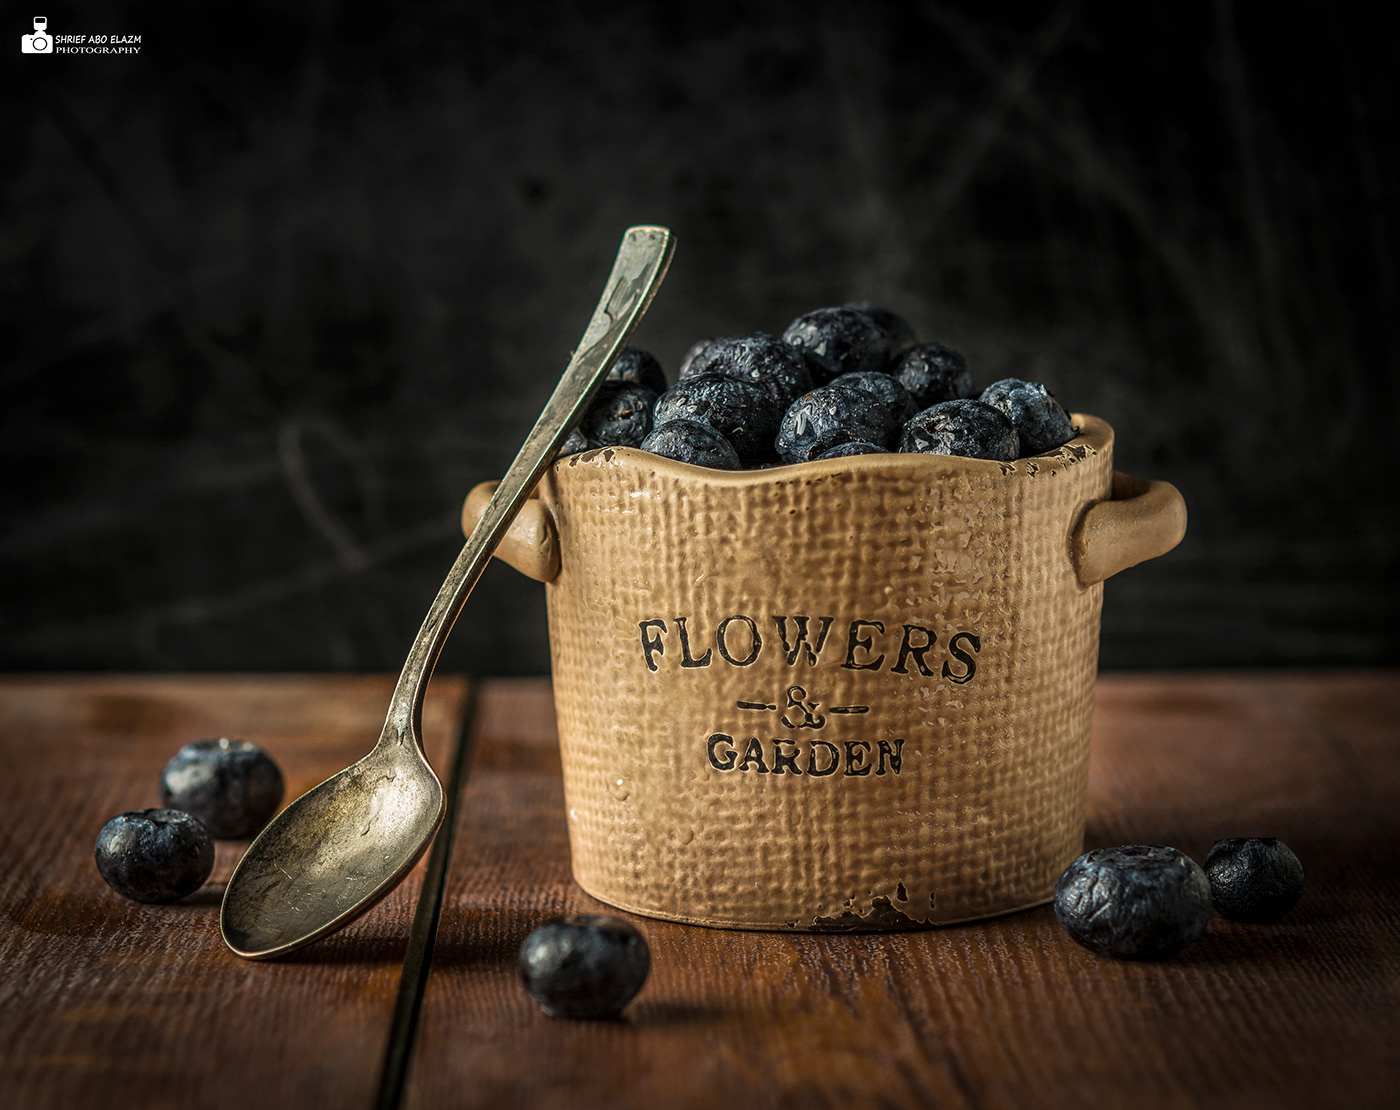 Растительная еда / фото Shrief Aboelazm